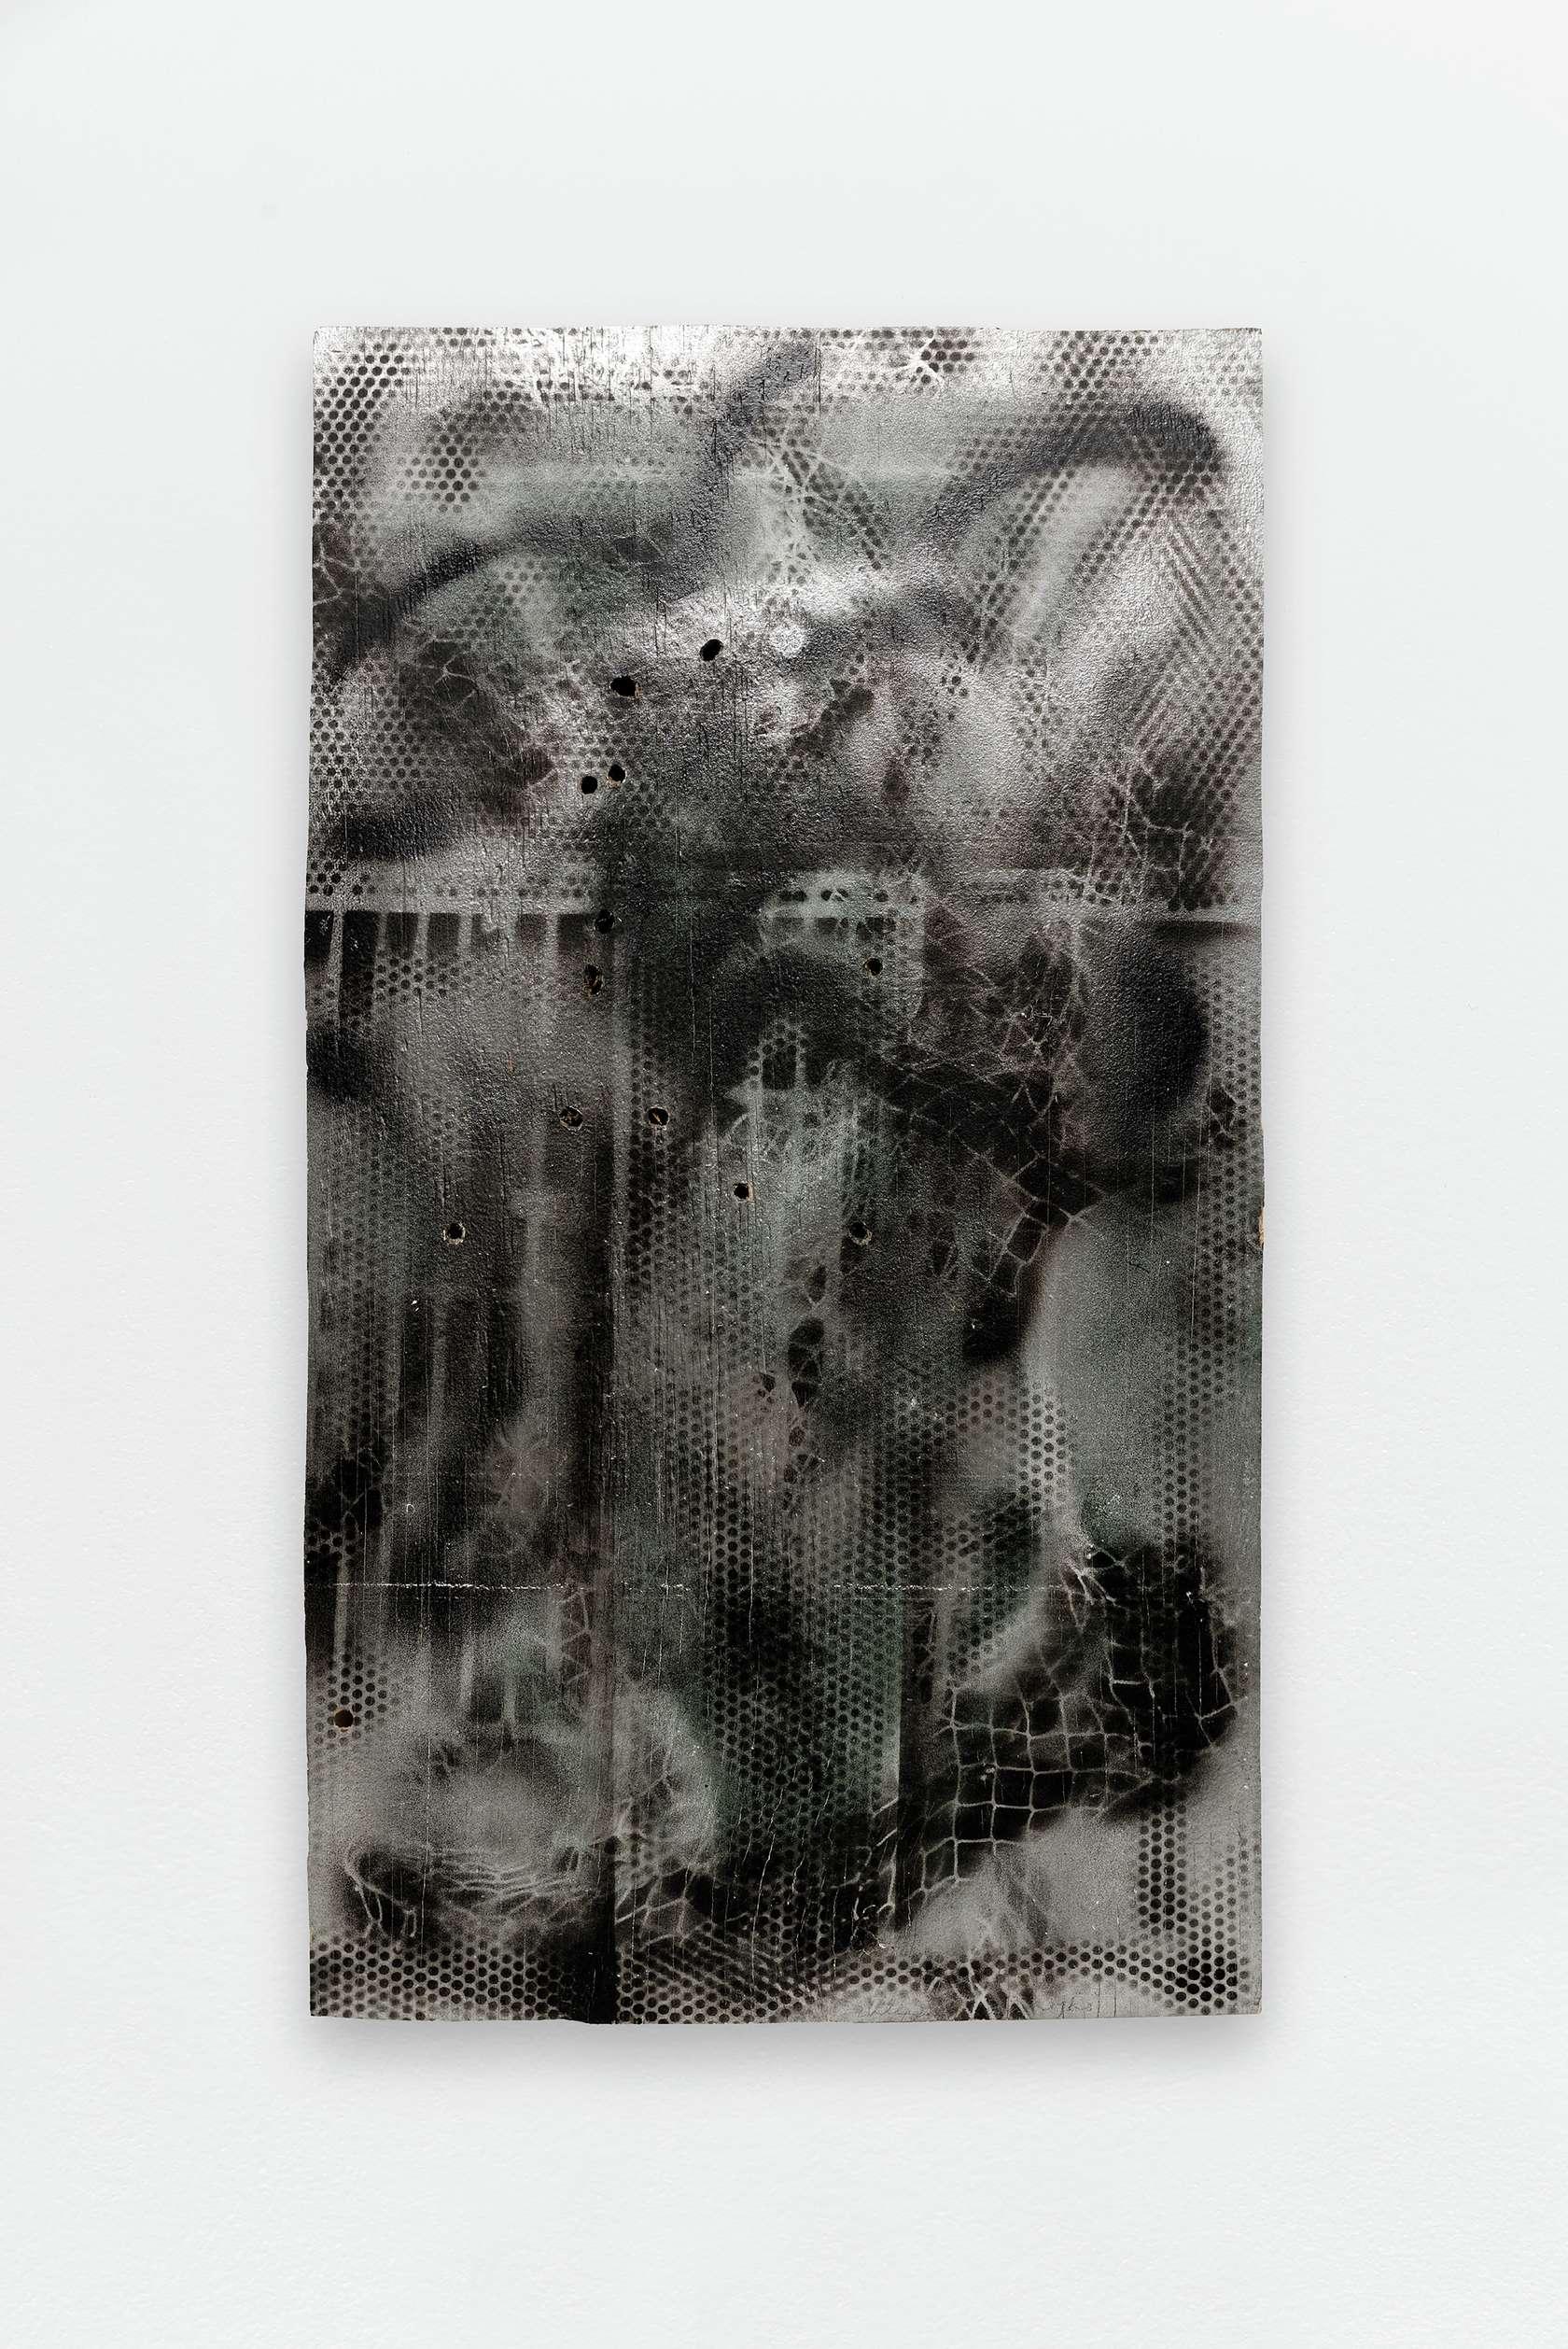 William S. Burroughs, '45 Writings, 1993 Peinture aérosol et 13 impacts de balles sur panneau de contreplaqué79.5 × 43.5 cm / 31 2/8 × 17 1/8 in.